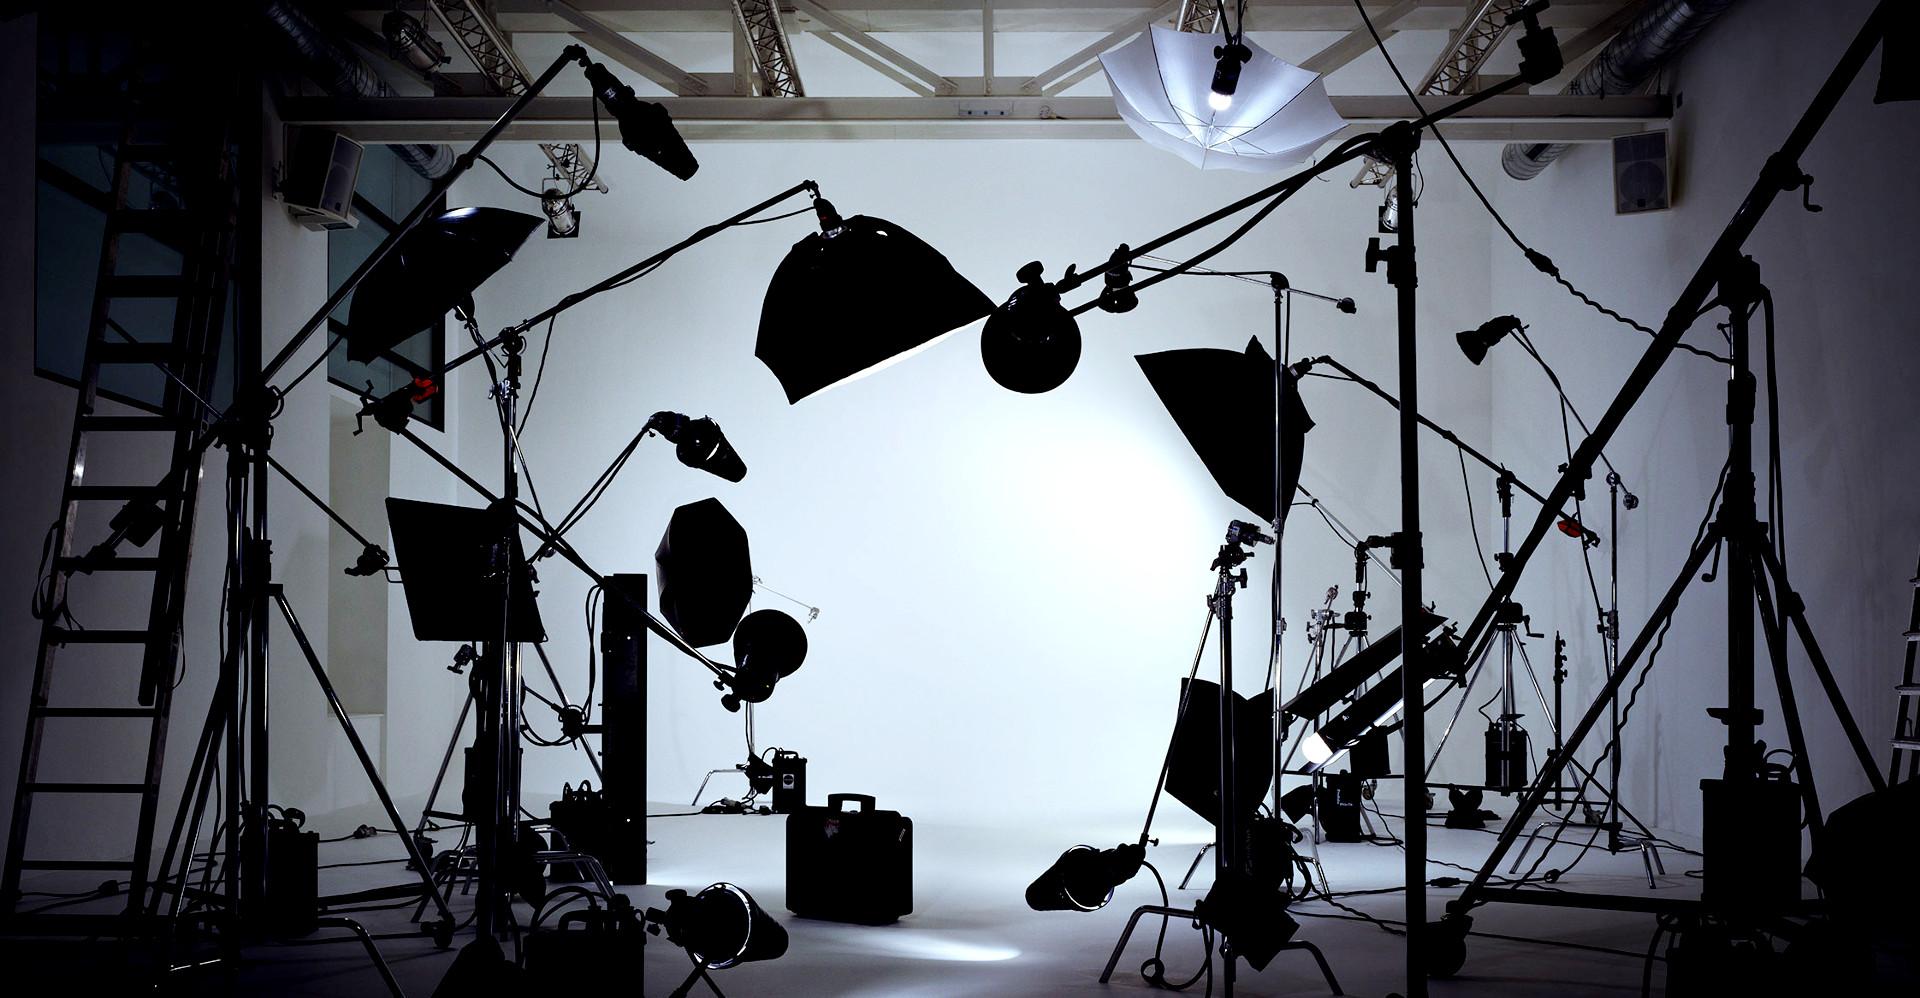 Le attrezzature professionali per la produzione video